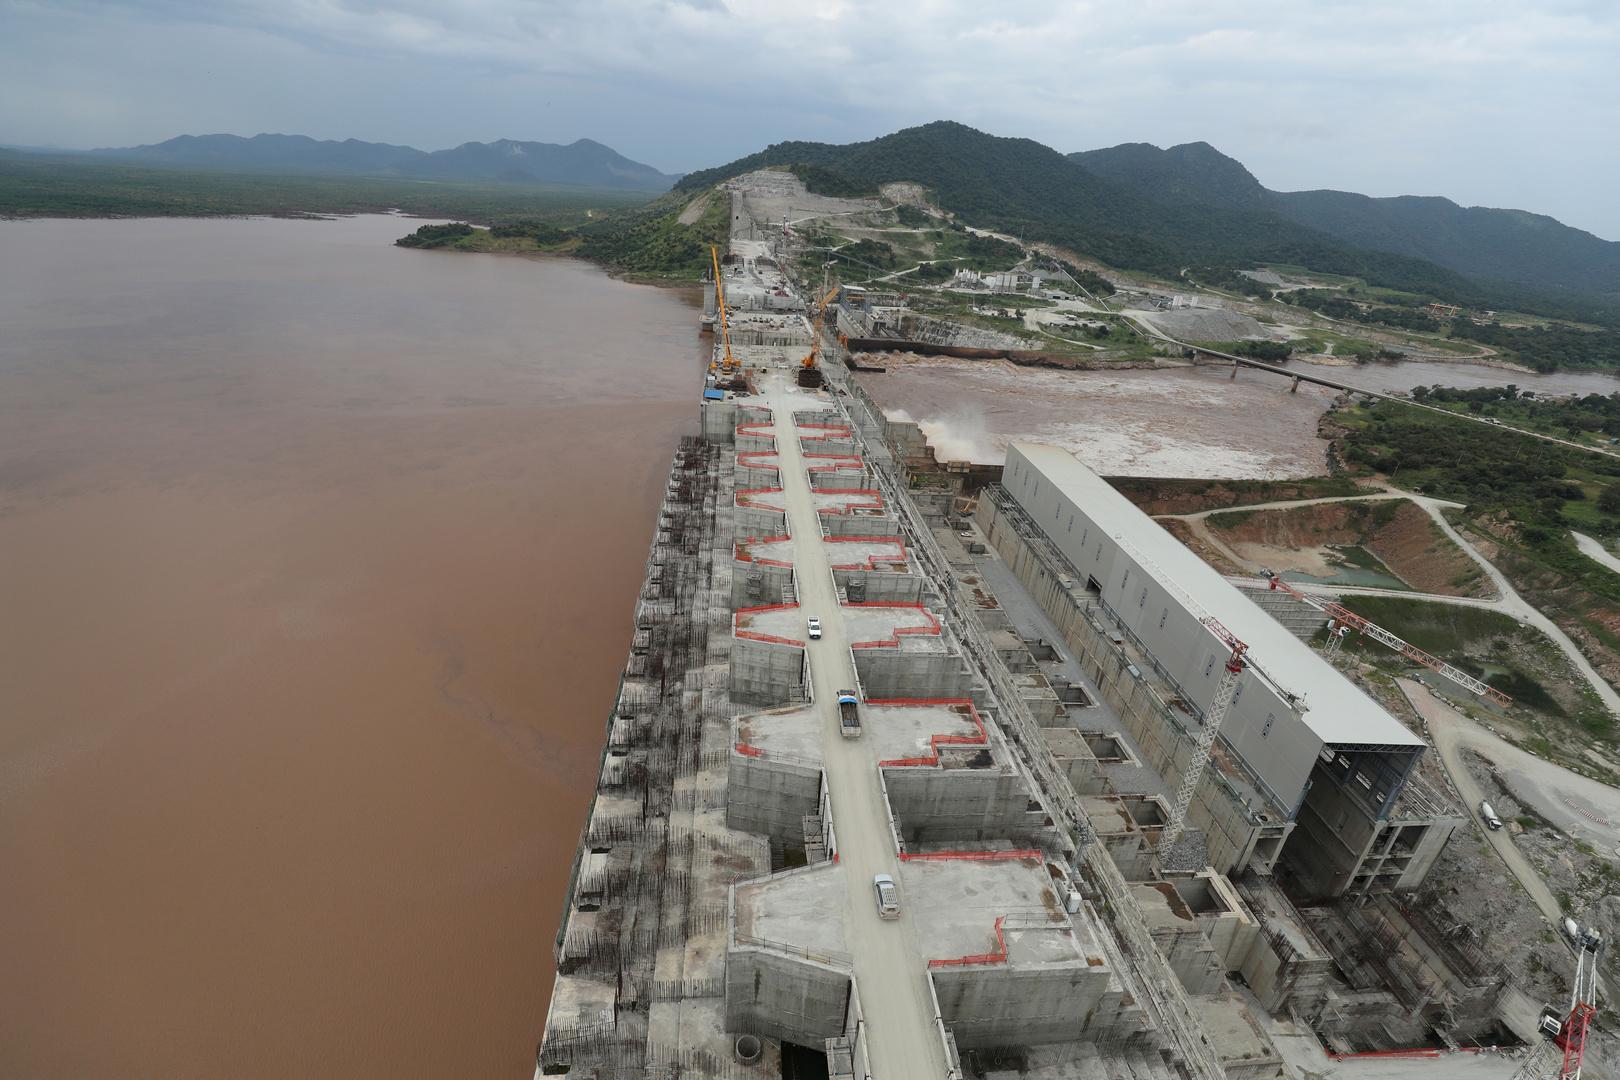 وزارة الري: 74 مليار م 3 مياه سوف تجتاح مصر والسودان في حالة انهيار سد النهضة